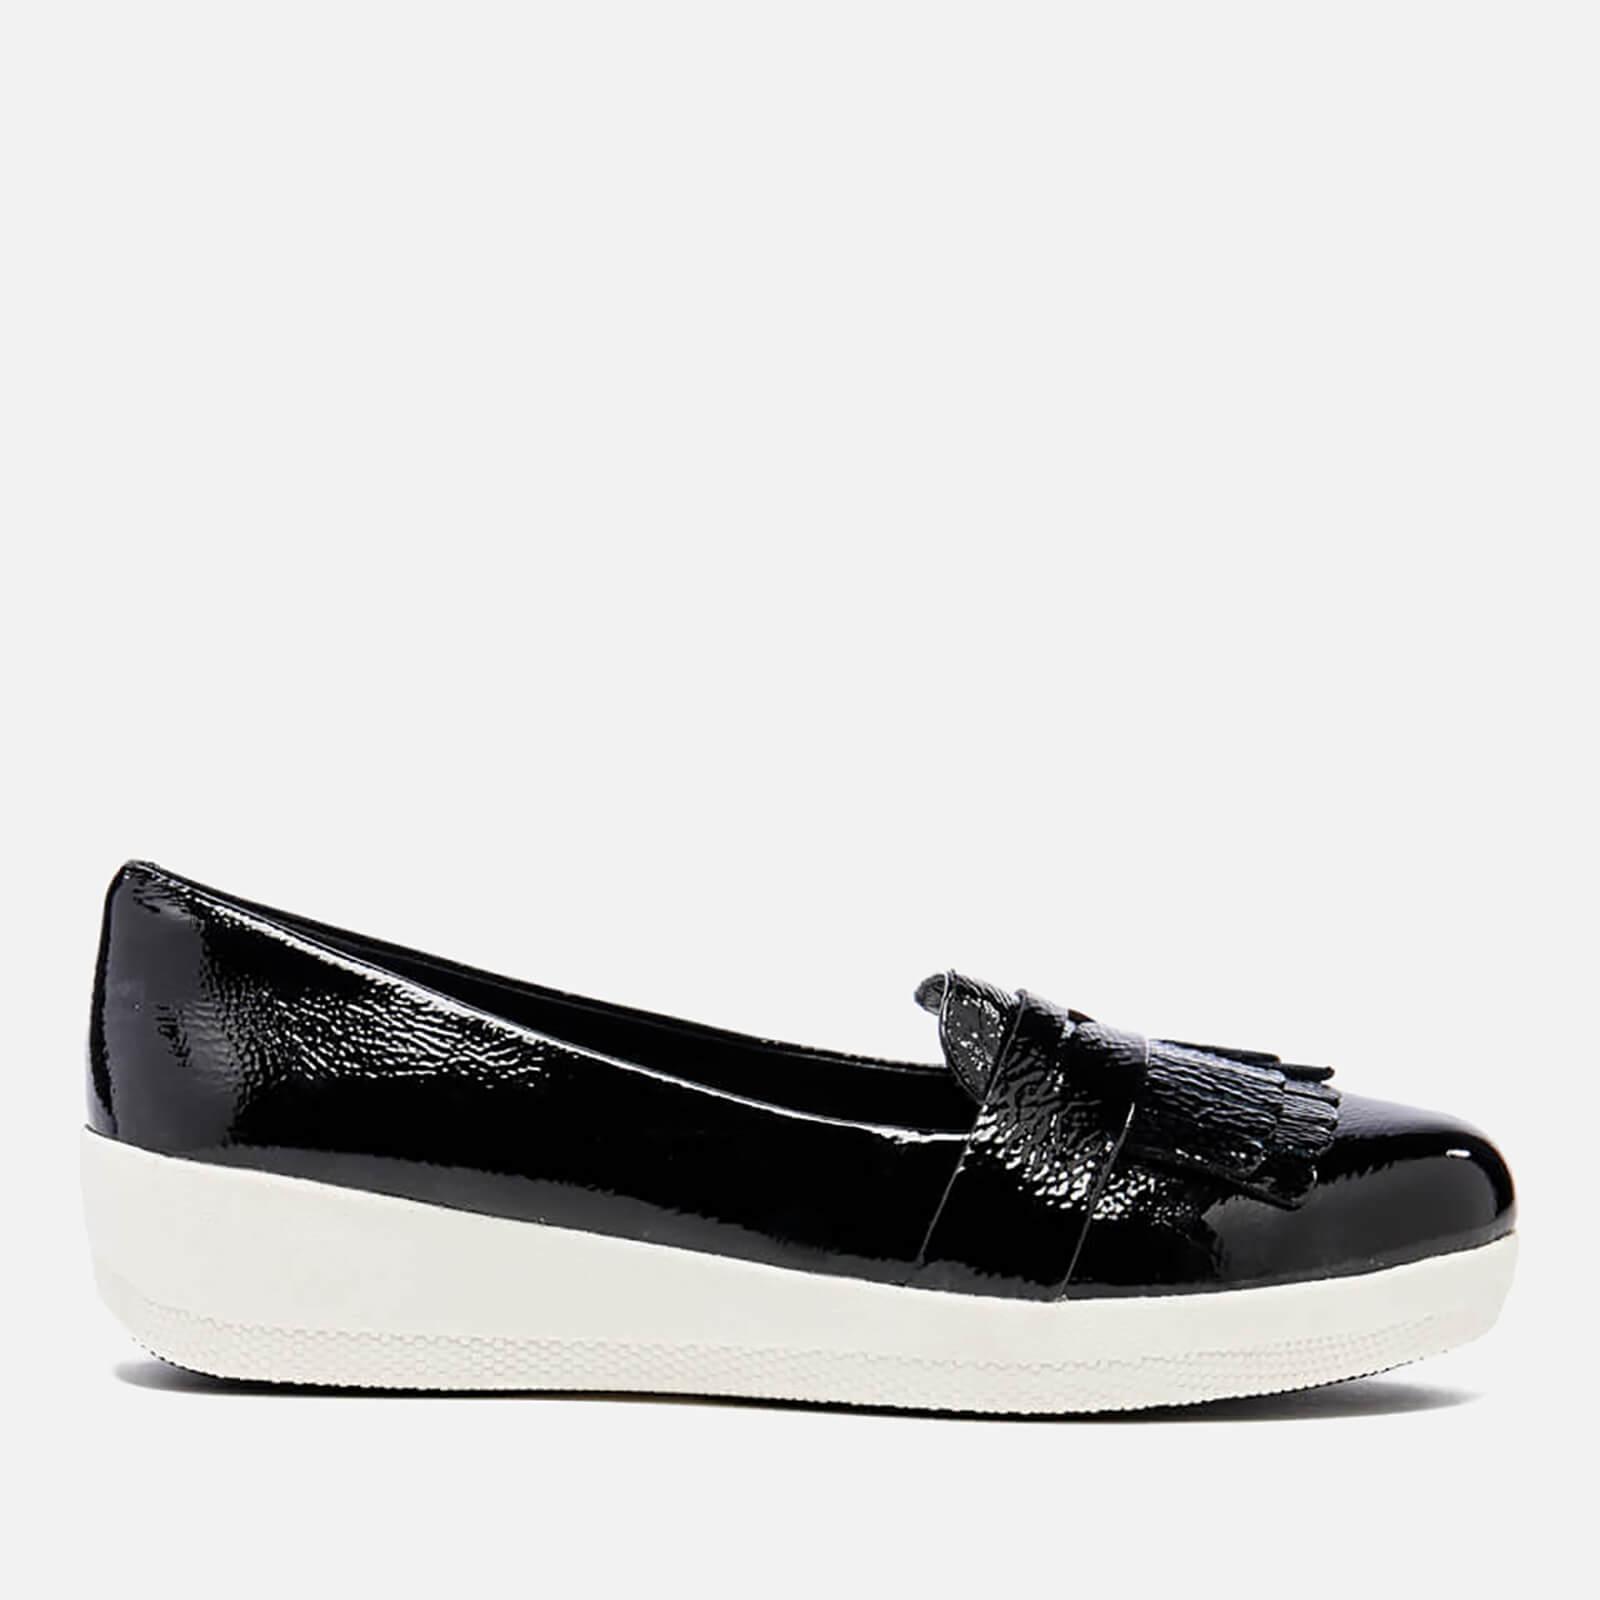 898aa45f9f8 FitFlop Women s Fringey Sneakerloafer Loafers - Black Patent Womens  Footwear